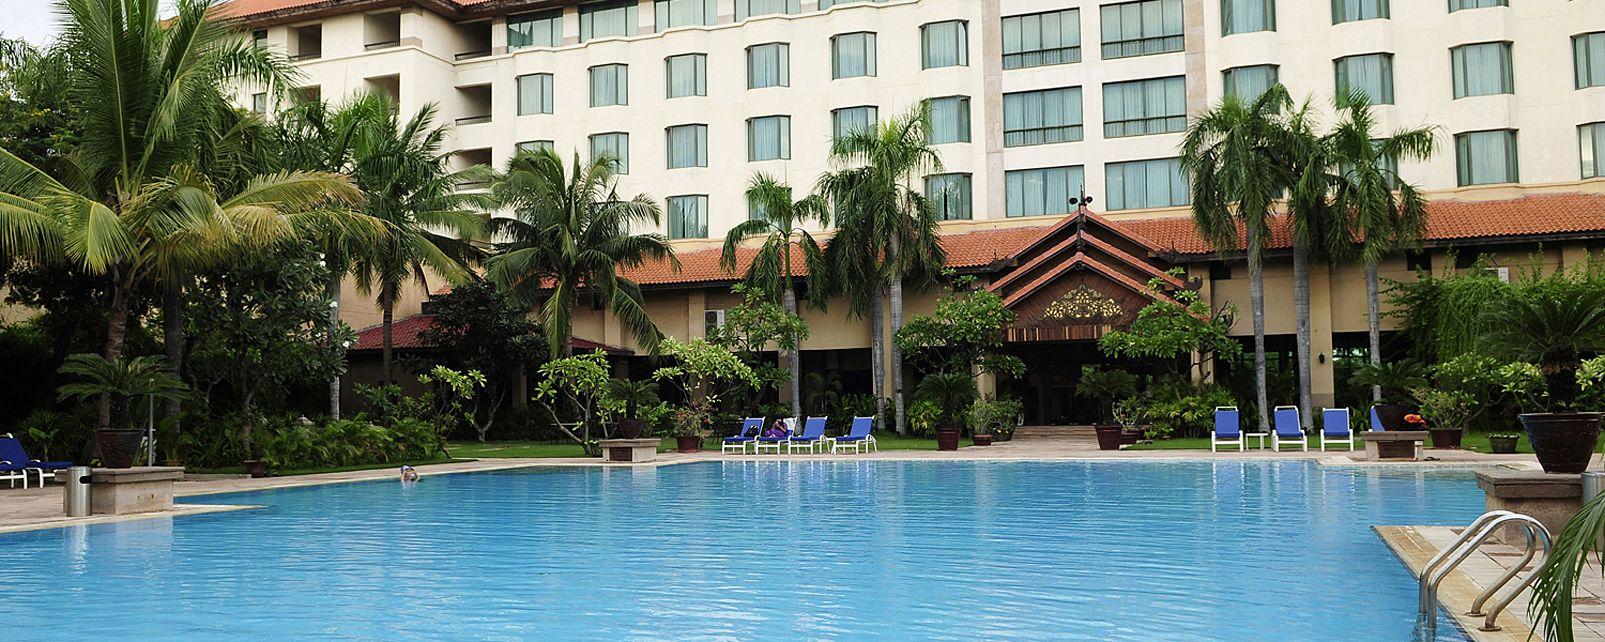 Hotel Sedona Hotel Mandalay